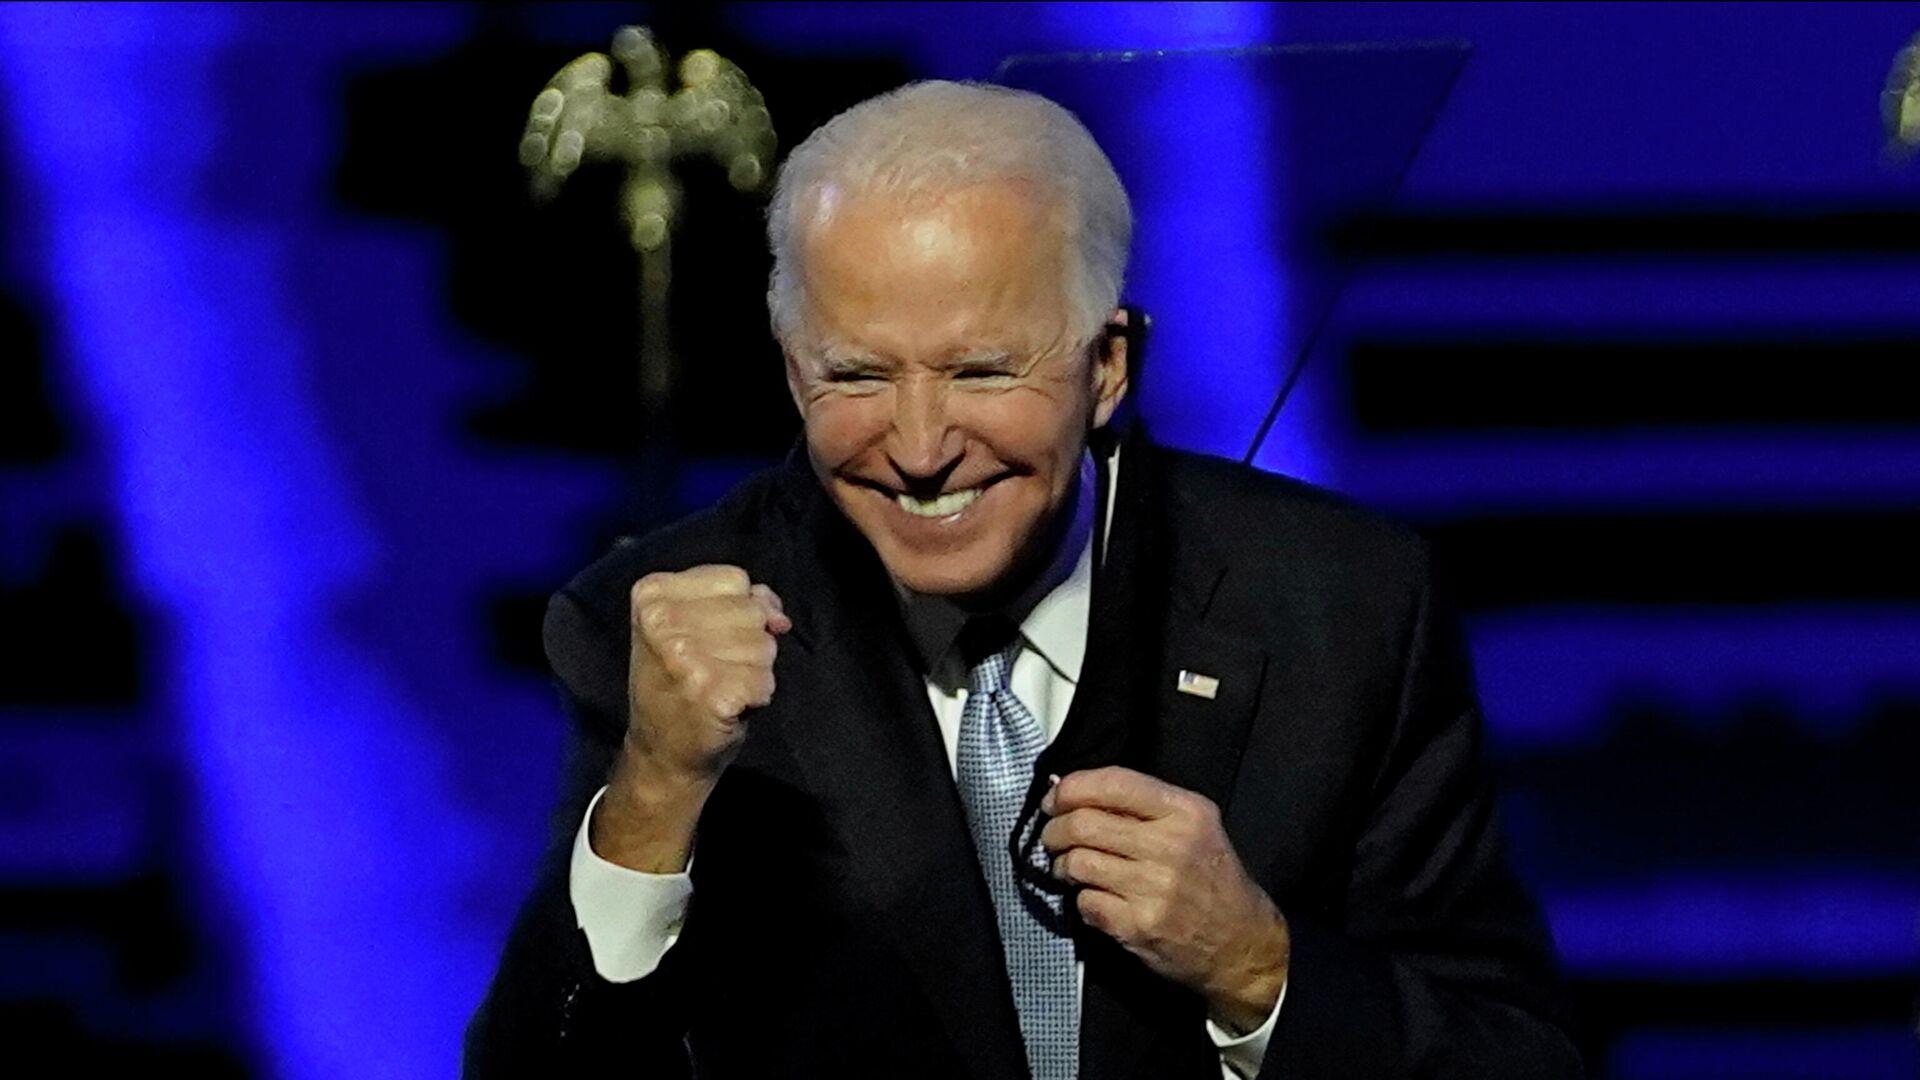 Кандидат в президенты США от Демократической партии Джо Байден выступает перед избирателями после того, как СМИ объявили, что Байден победил на выборах в США  - РИА Новости, 1920, 08.11.2020